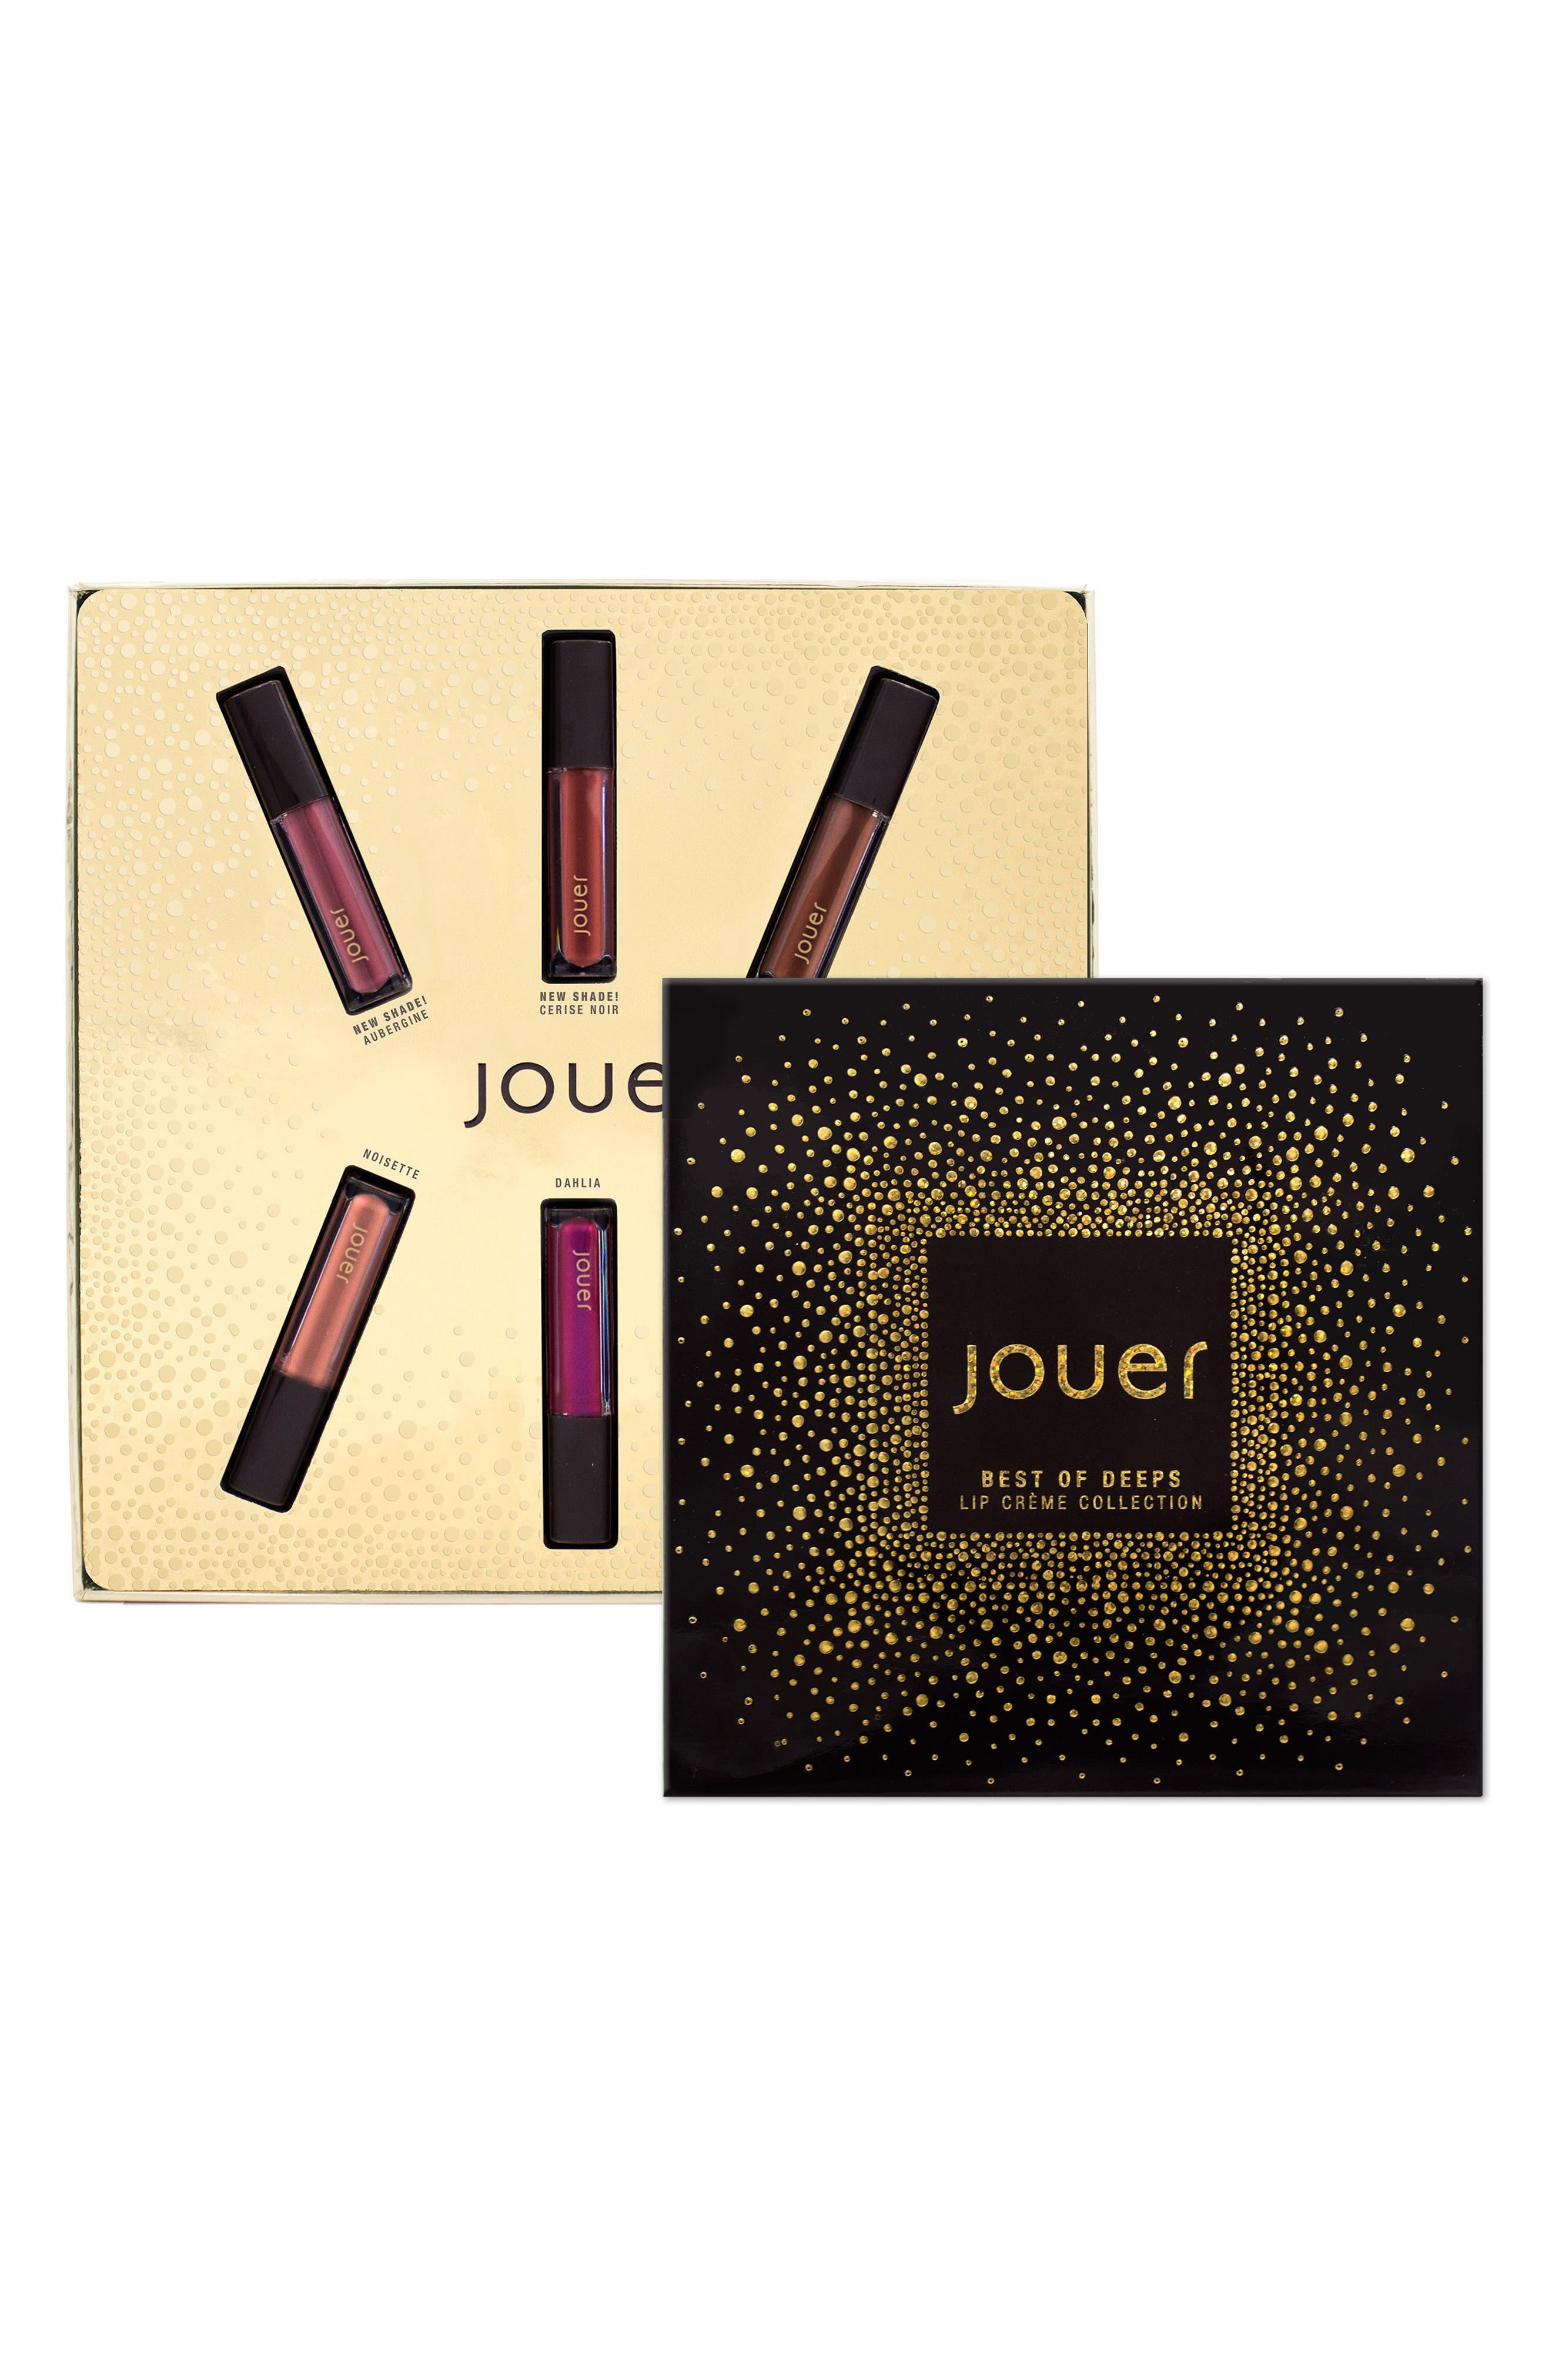 Main Image - Jouer Best of Deeps Mini Long-Wear Lip Crème Liquid Lipstick Collection ($32 Value)